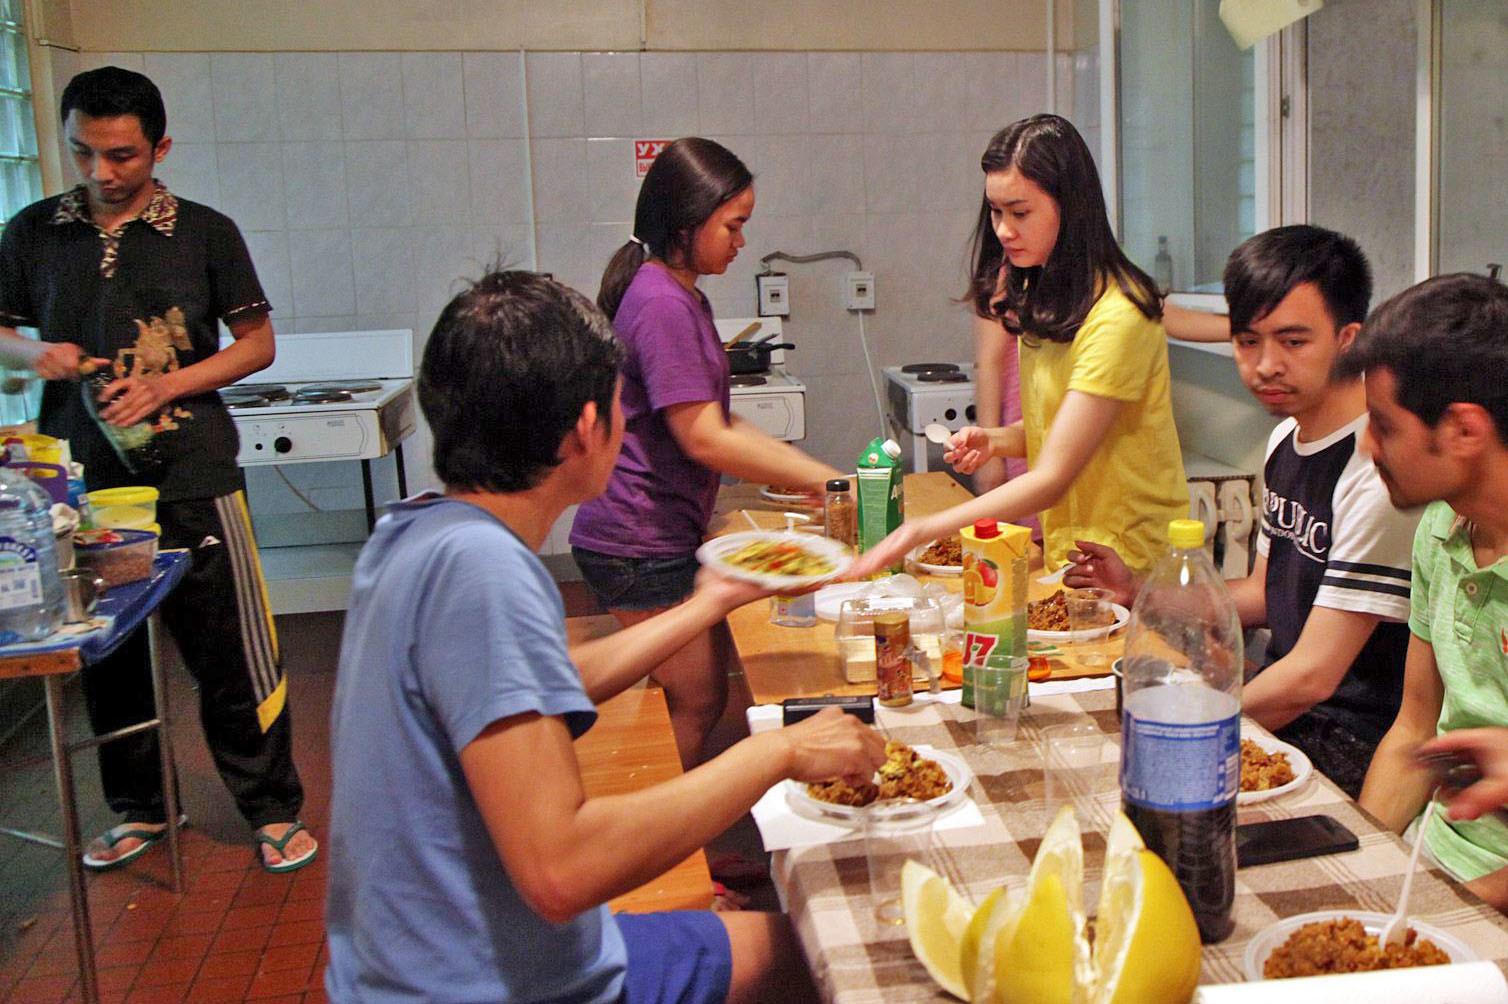 Yodha (kiri), hendak makan bersama para mahasiswa dan mahasiswi Indonesia di dapur bersama Asrama Institut Pushkin, saat masih menjalani pendidikan di Fakultas Persiapan Bahasa Rusia.